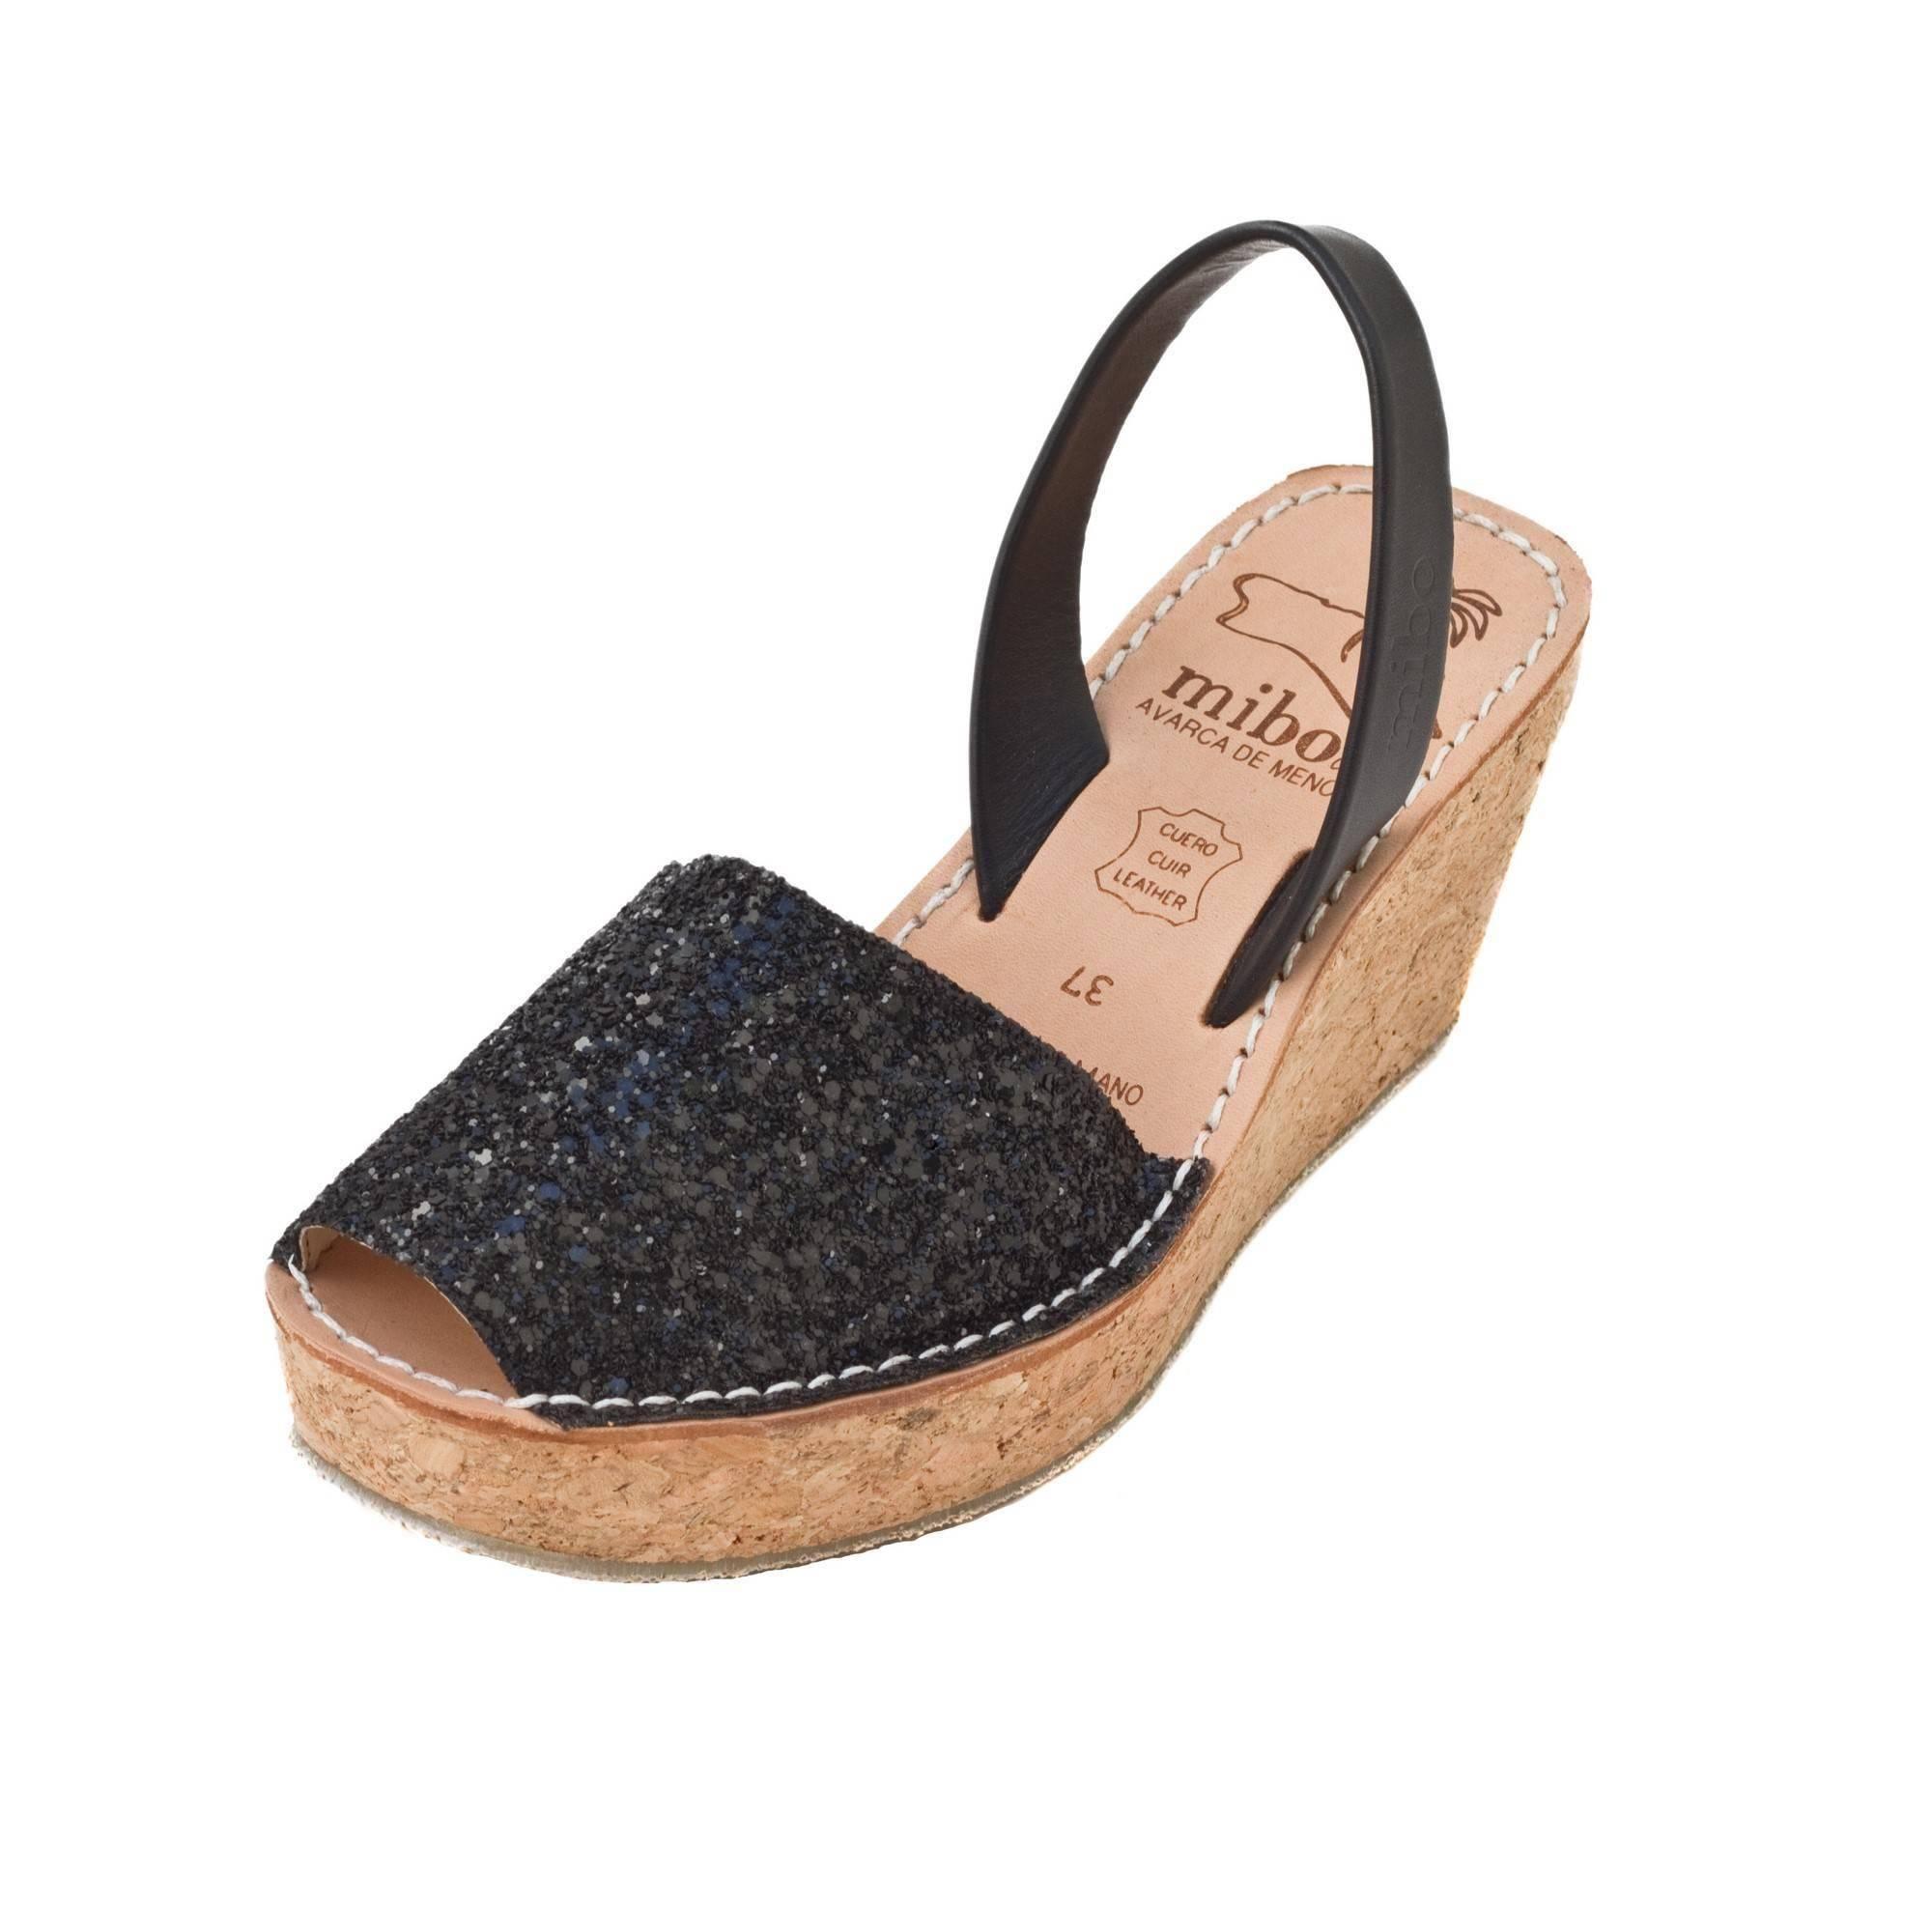 5fef75a1fcd Cork Escarcha of Menorquin Sandals Mibo (Menorca)